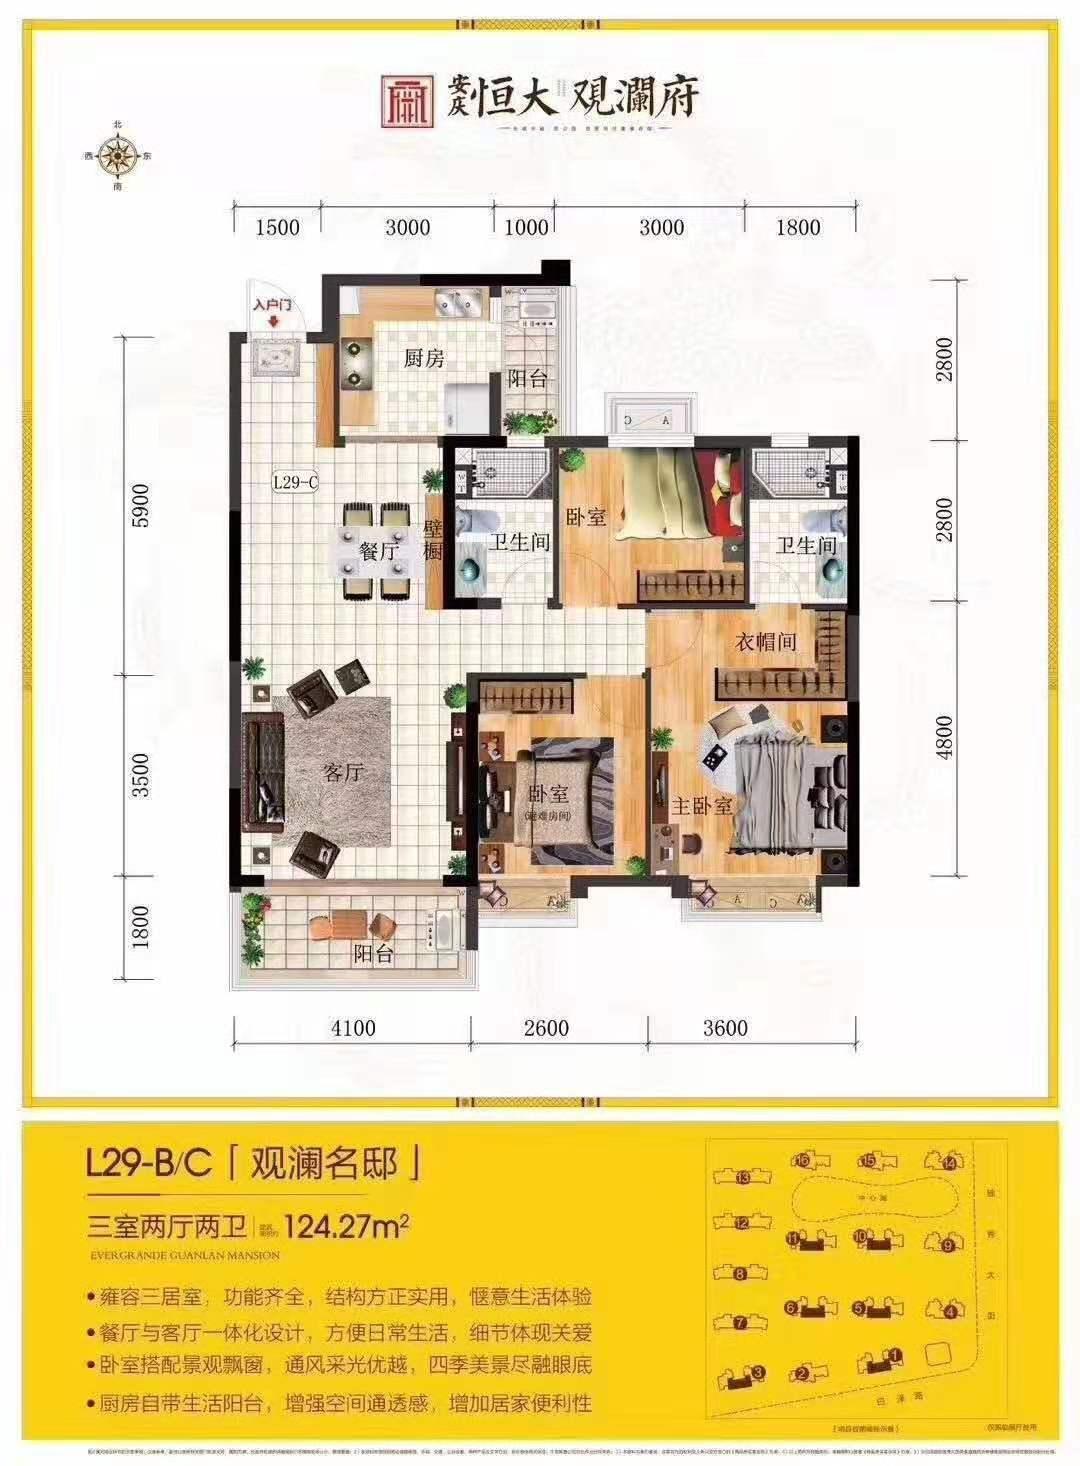 L29-B/C户型 3室2厅2卫 124.27㎡